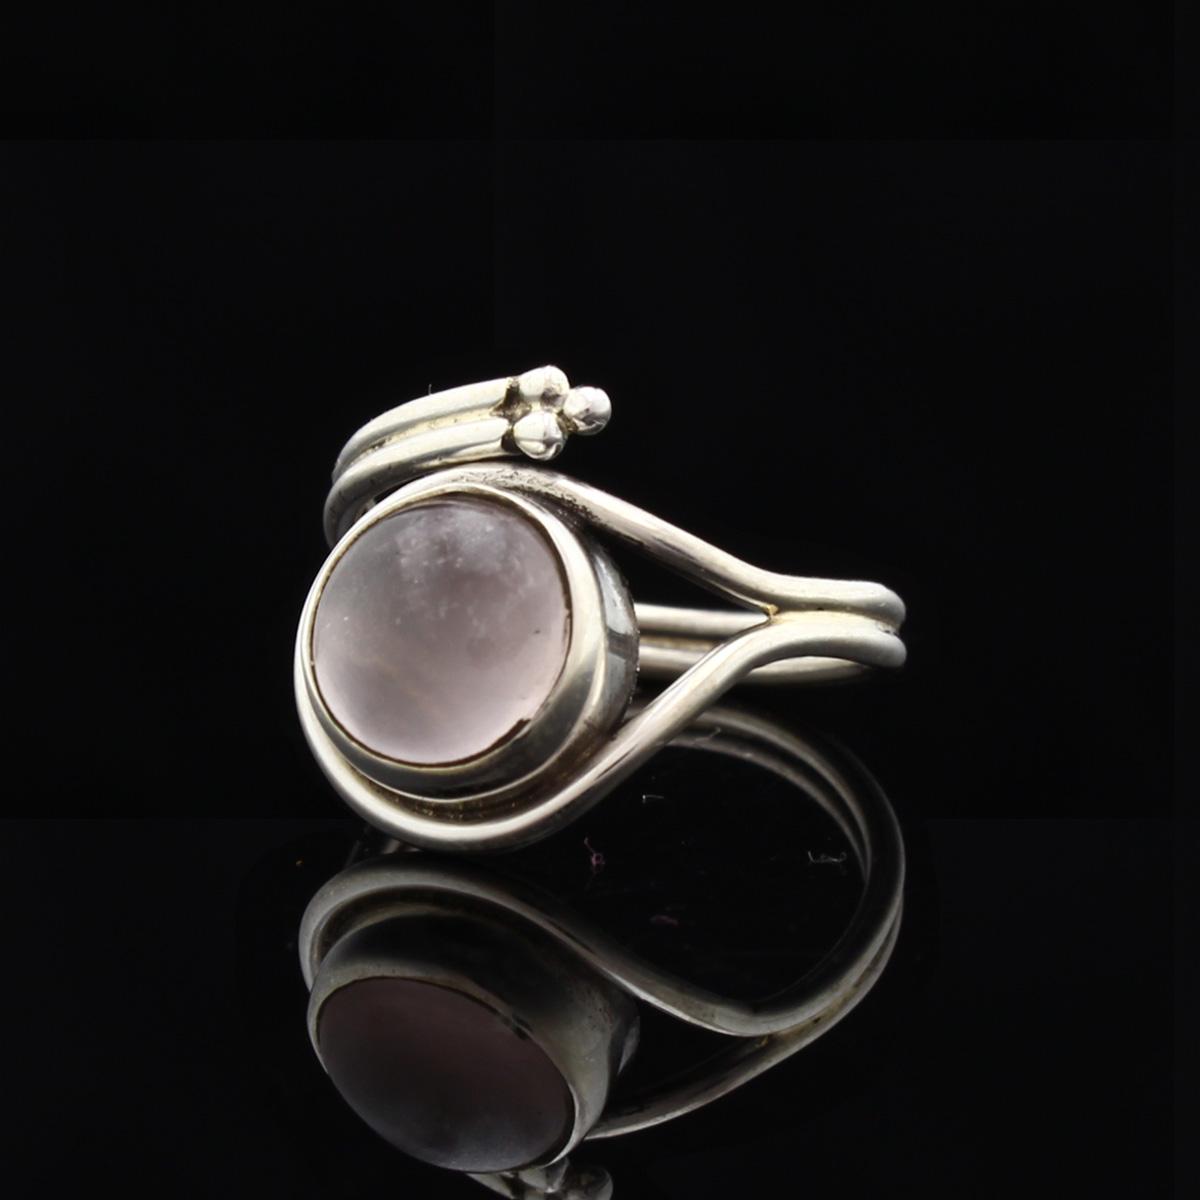 Кольцо, серебро, натуральный камень, Розовый кварц, 4.0 г, проба 875, размер 16 +